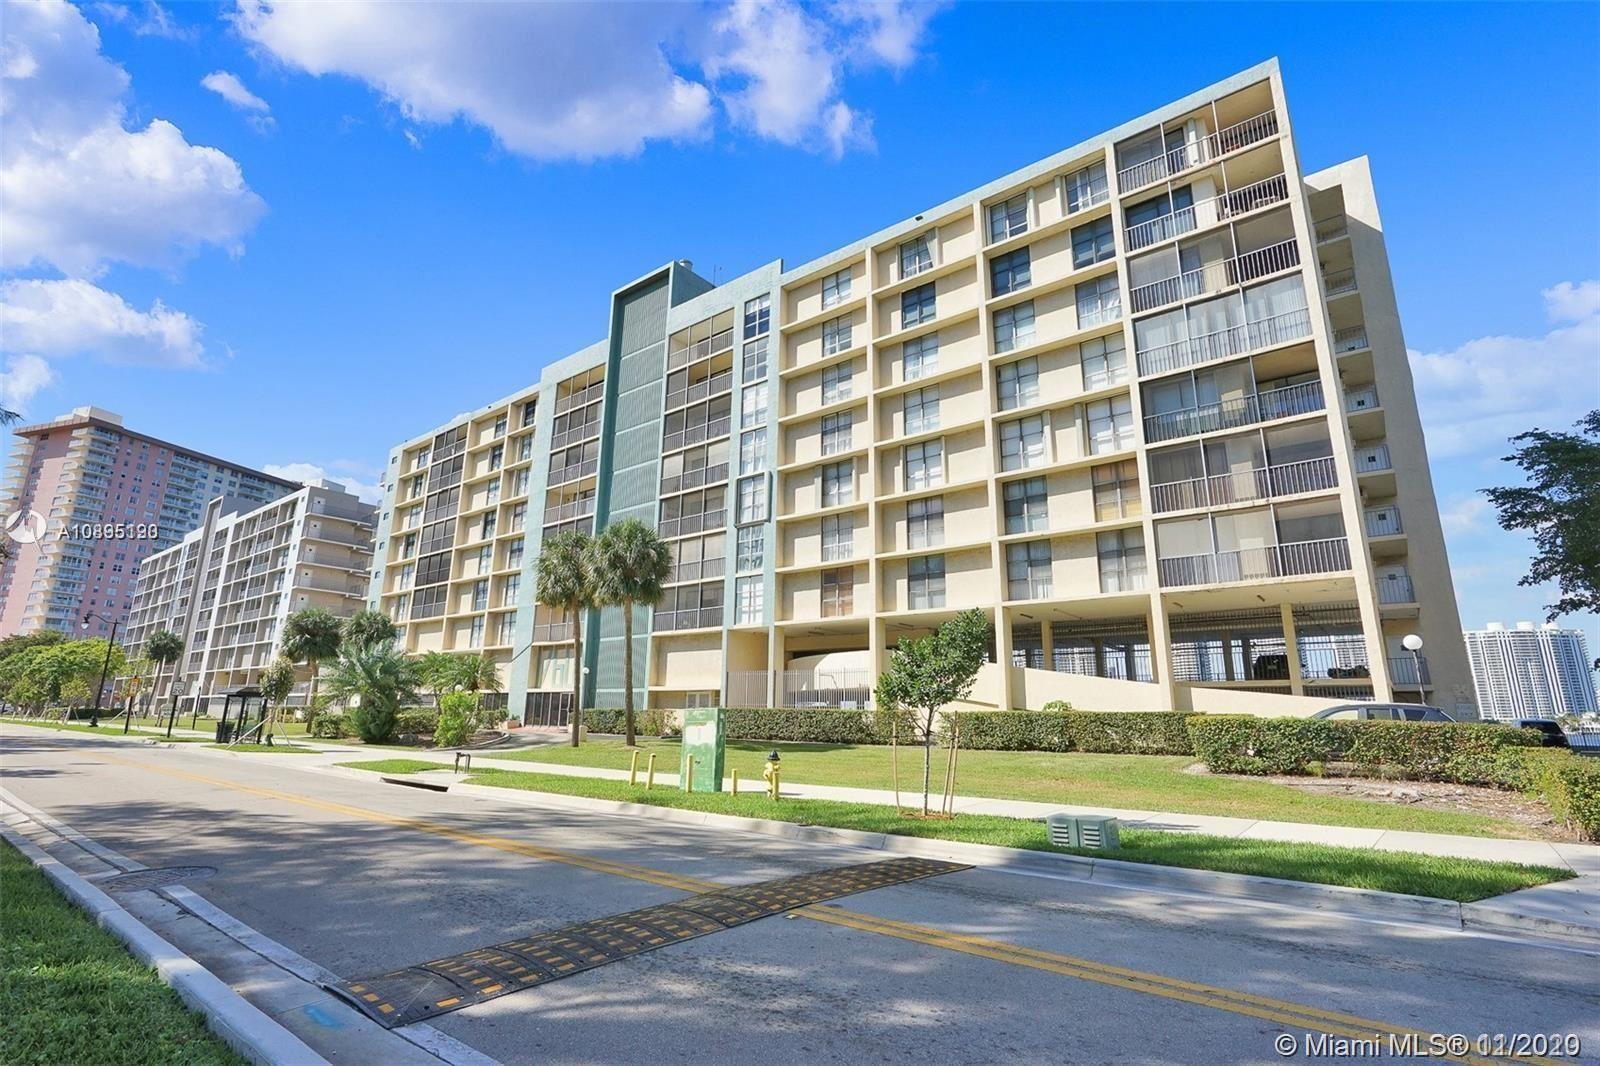 17600 N Bay Rd #N905, Sunny Isles, FL 33160 - #: A10895190